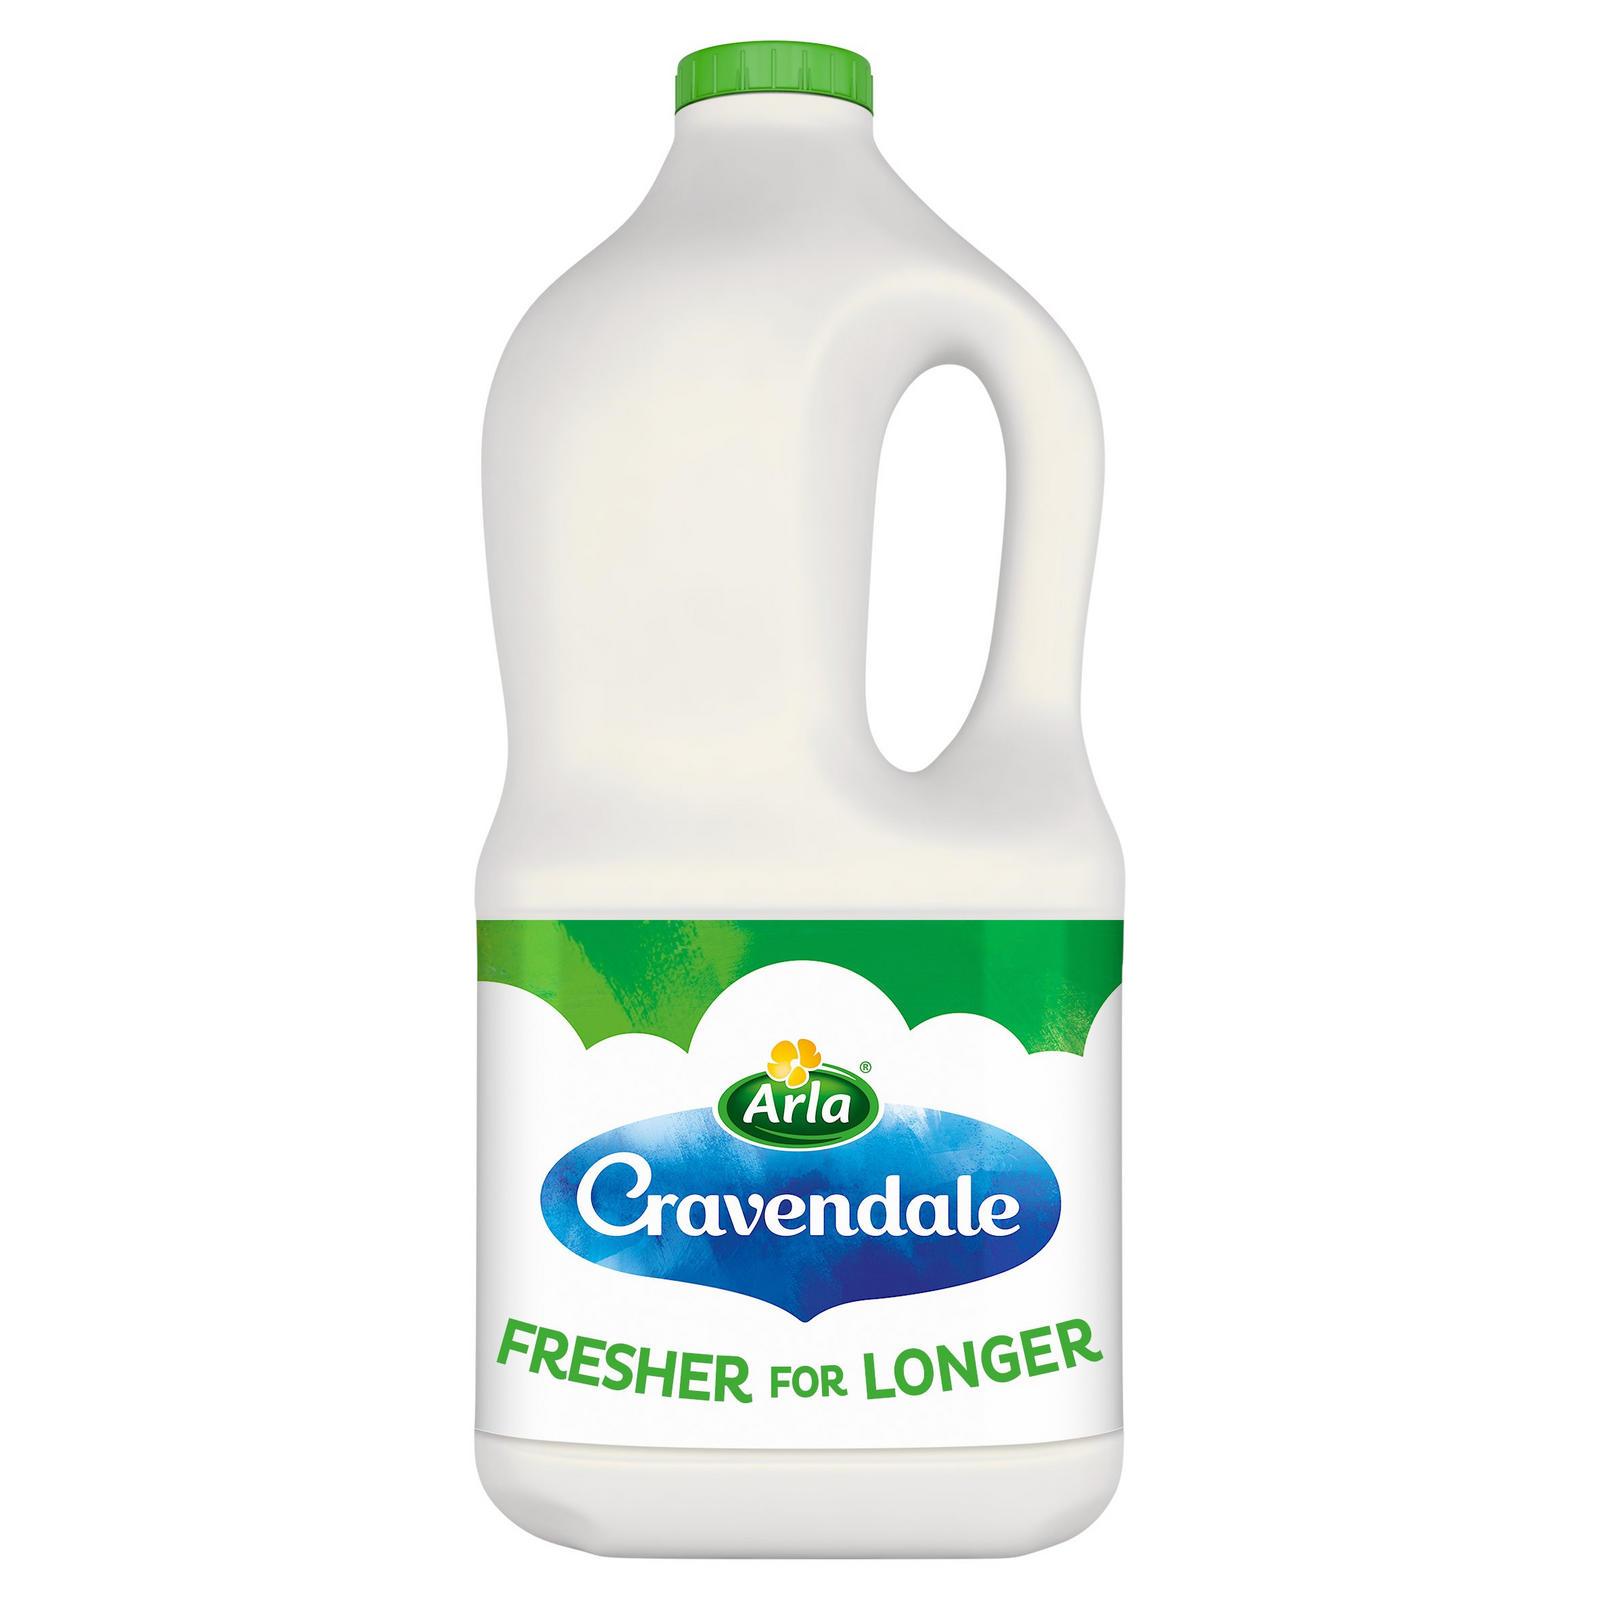 Cravendale Semi Skimmed 2 Litres Milk Iceland Foods